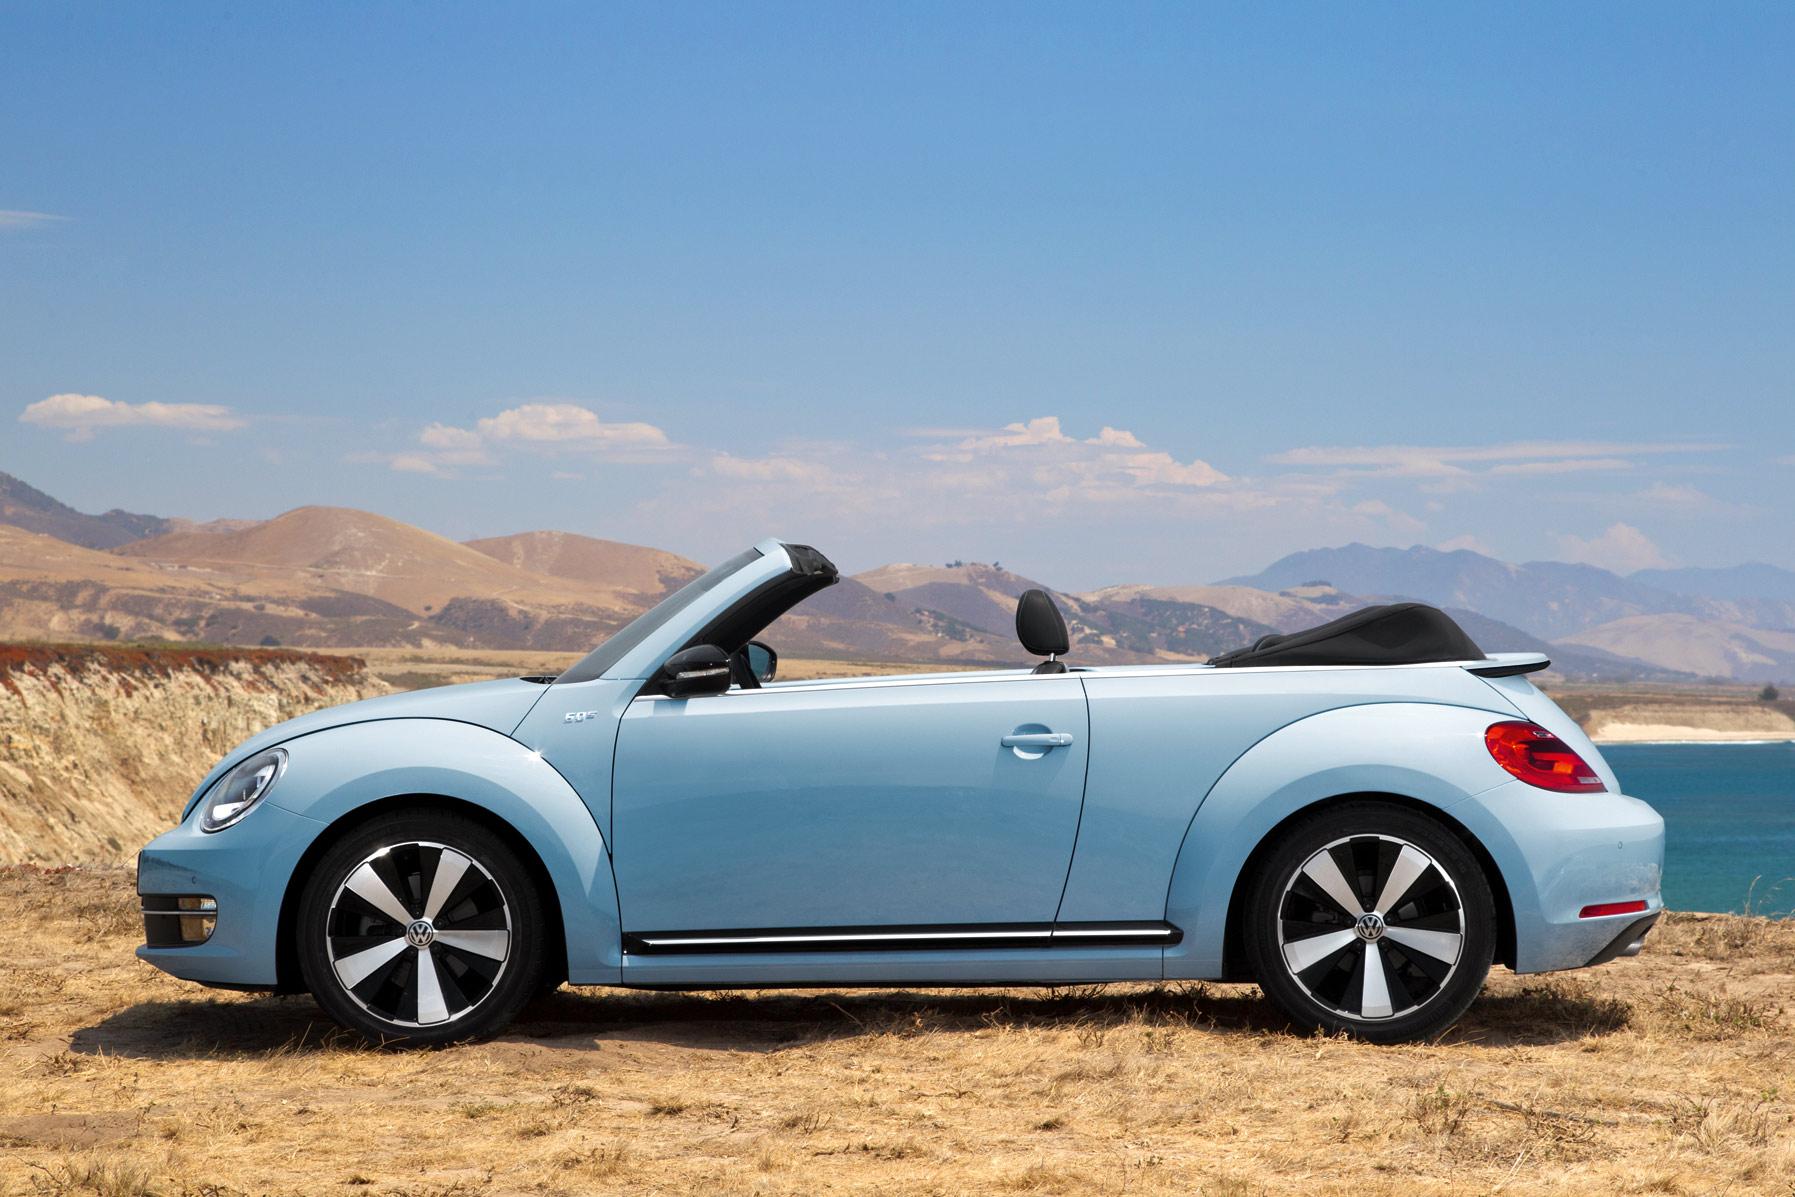 volkswagen-beetle-convertible-016